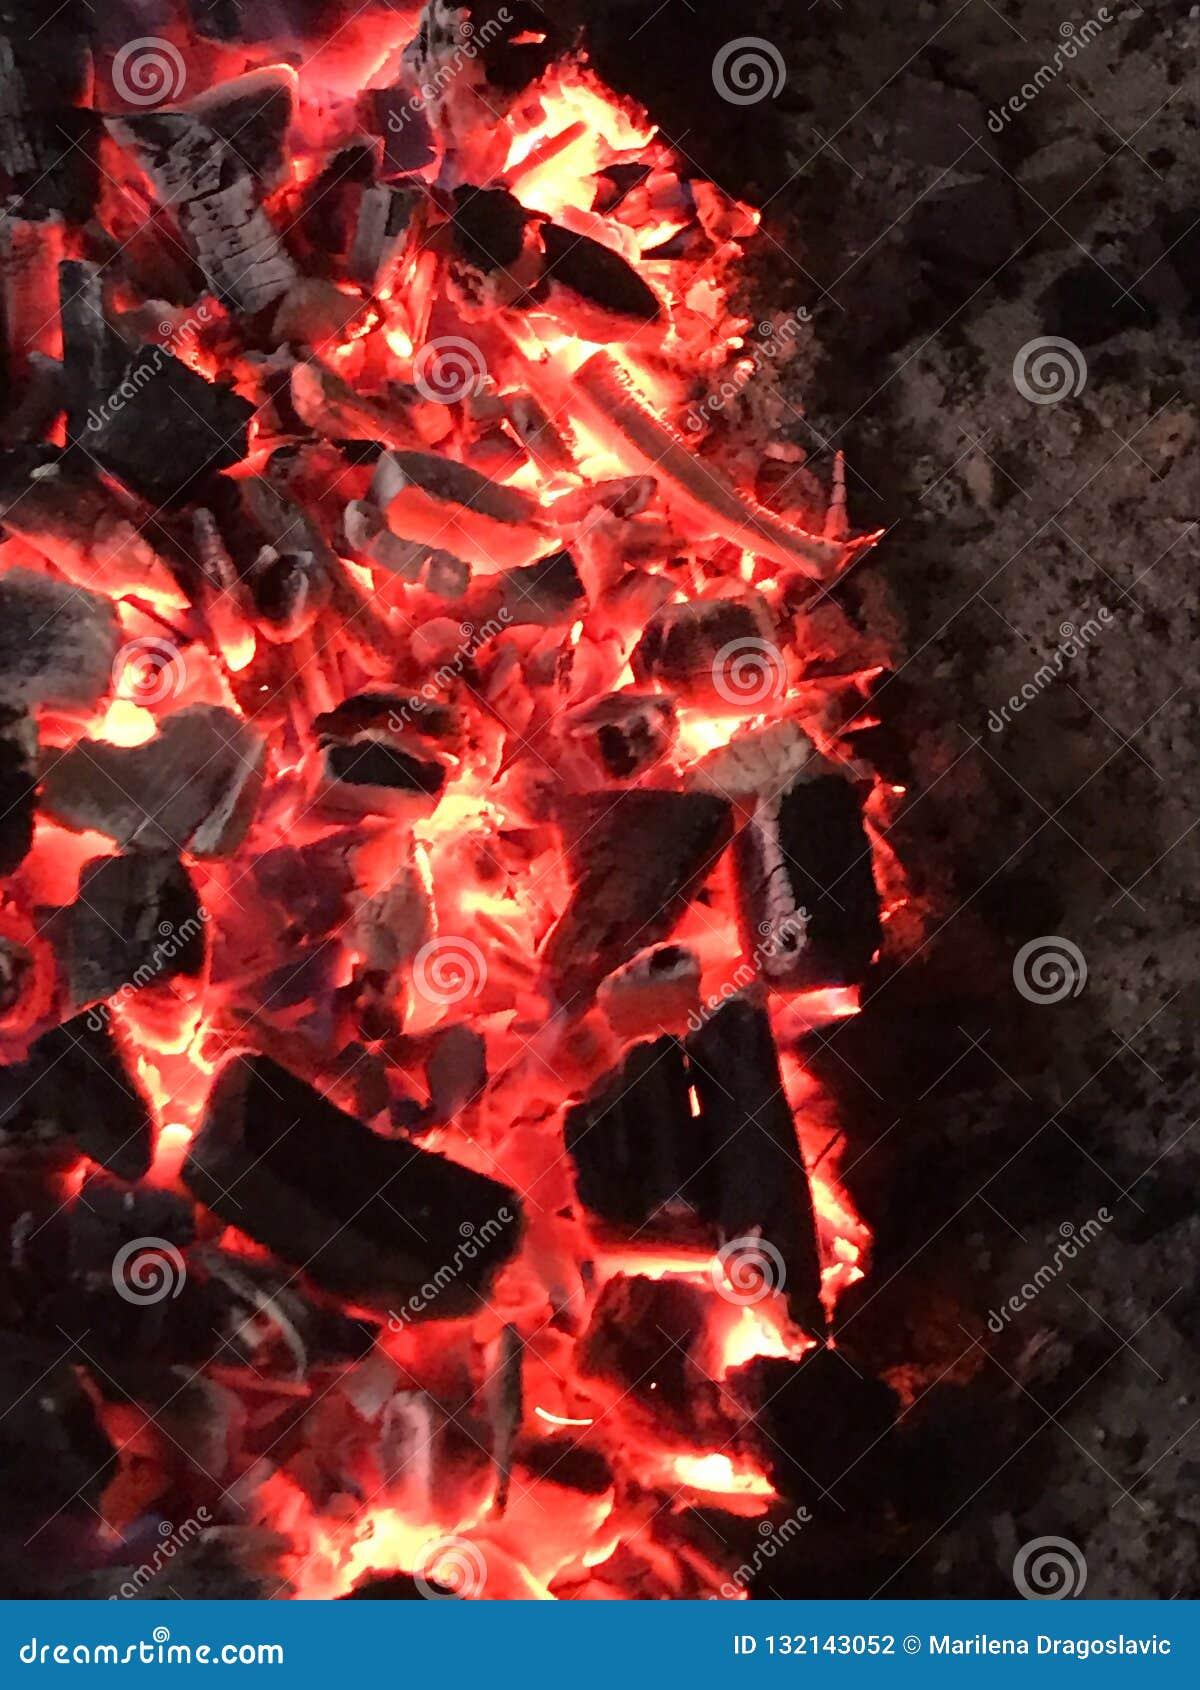 Le feu de combustion lente de charbon pendant la nuit